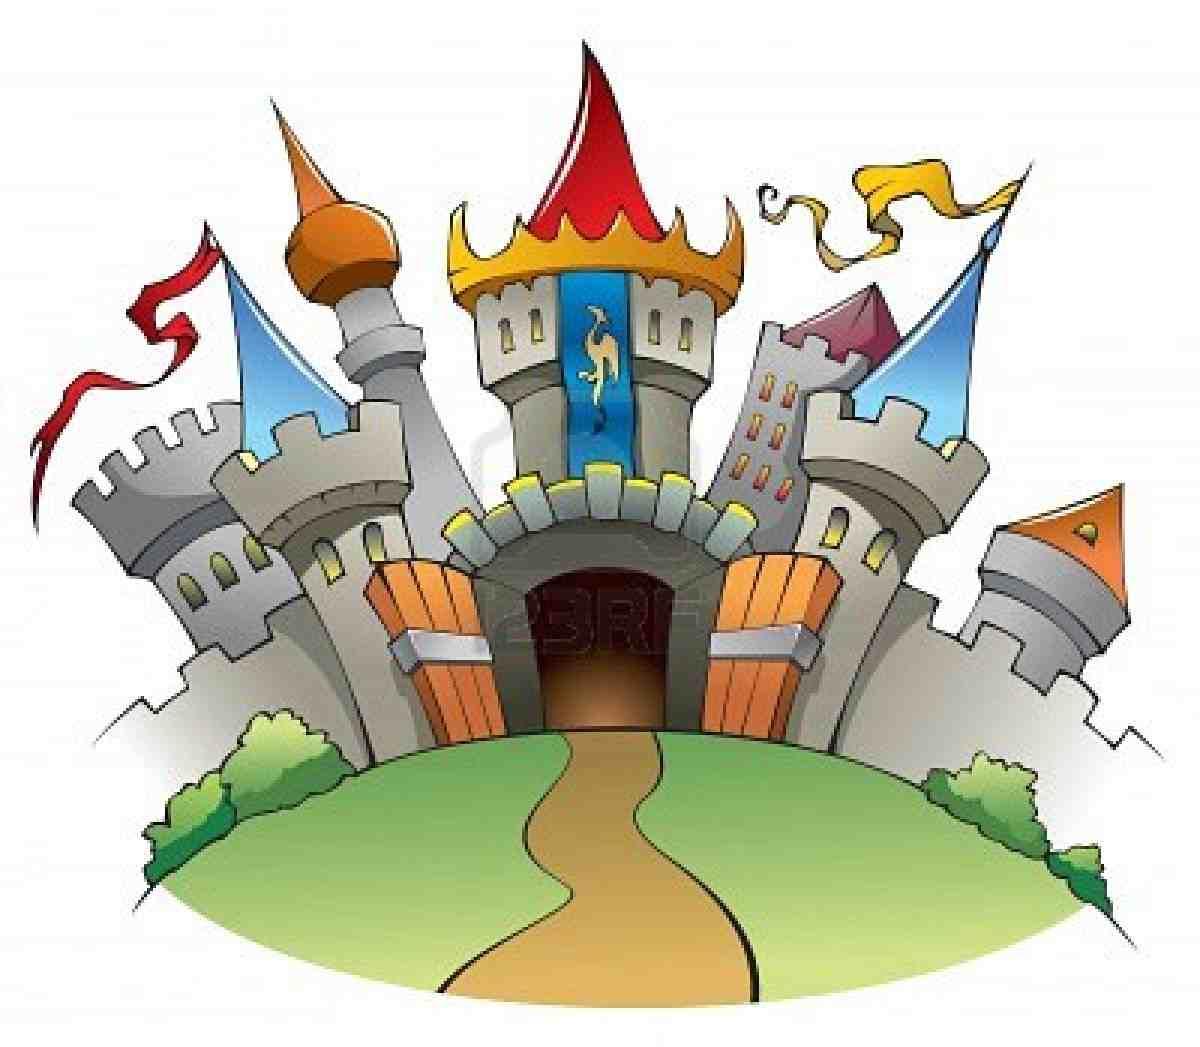 Fairytale clipart #9